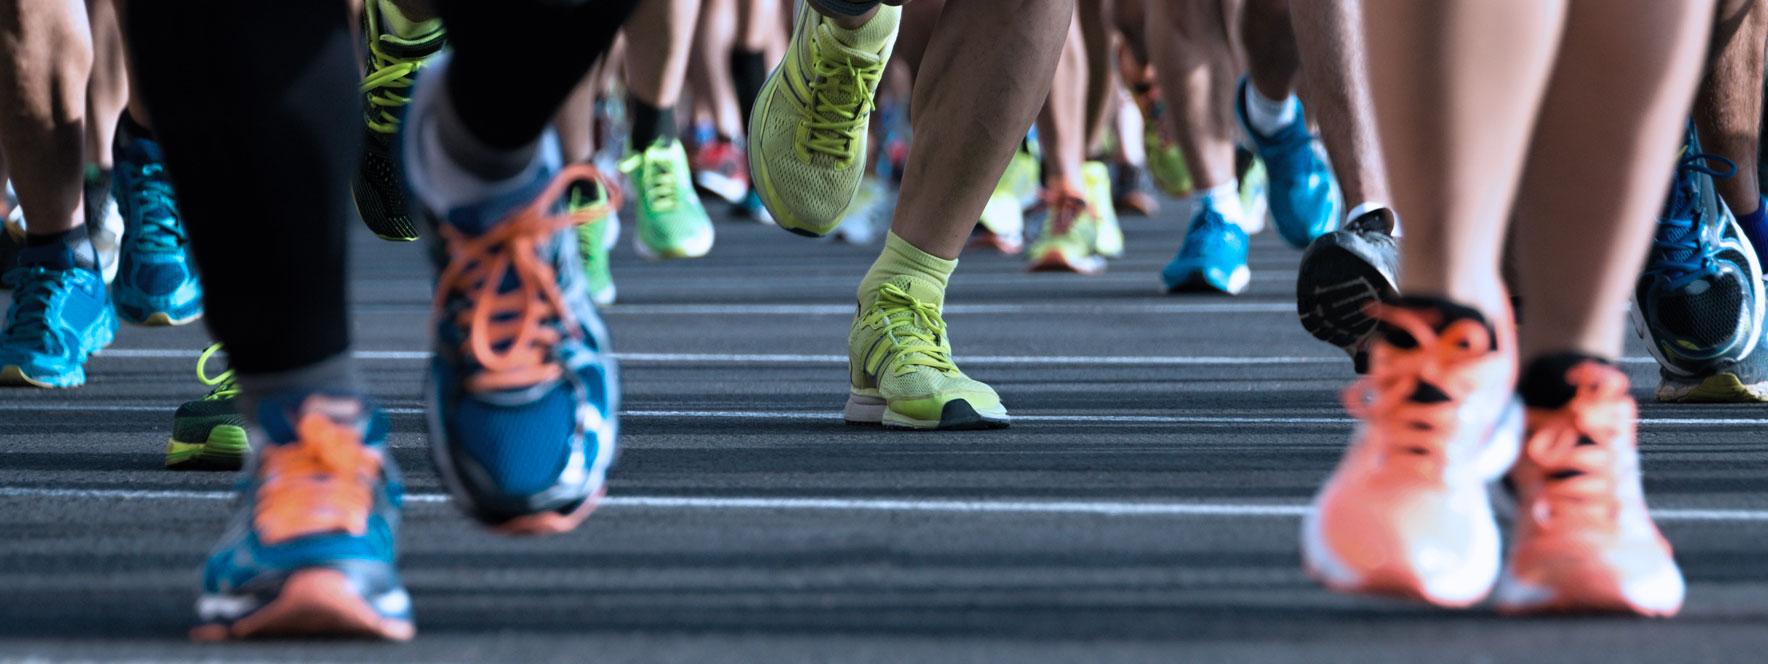 La course à pied et la massothérapie - Blogue du Réseau